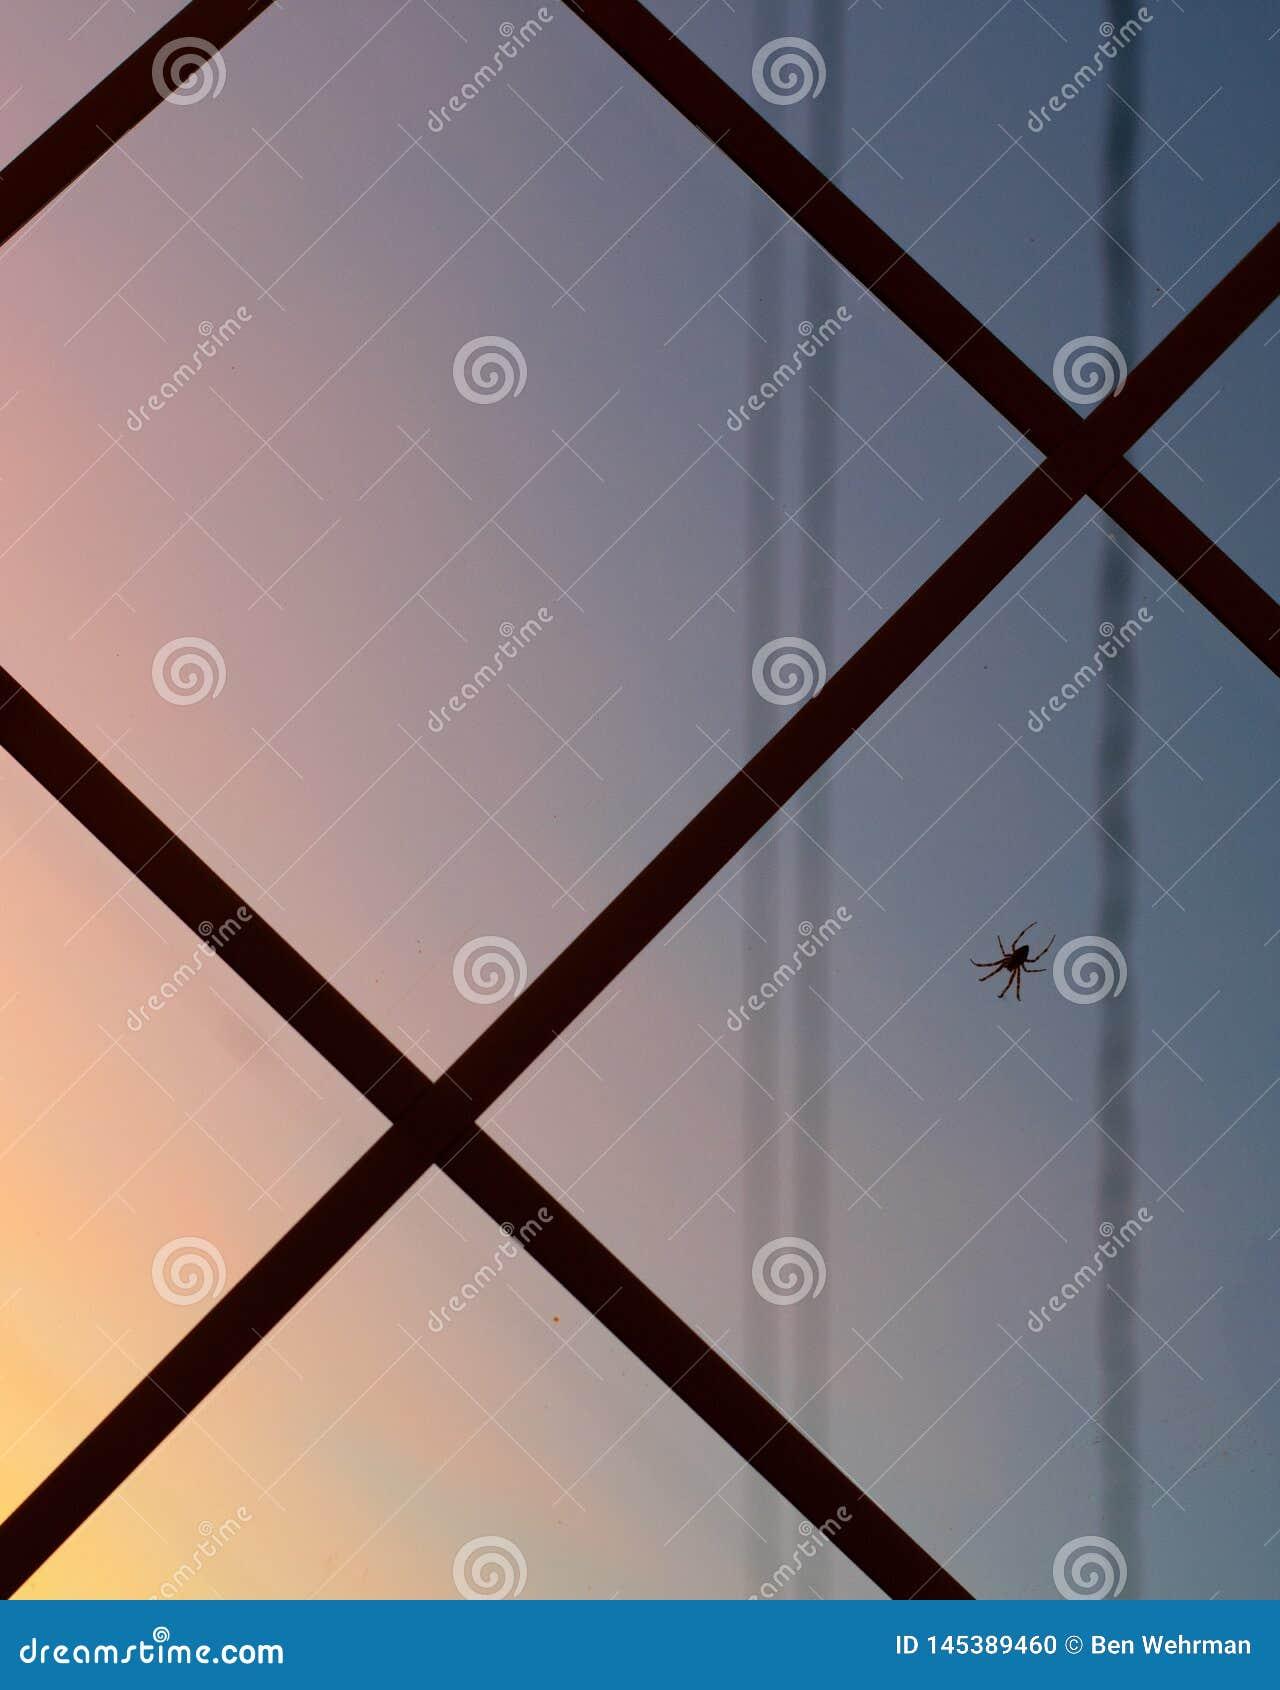 Spider on window